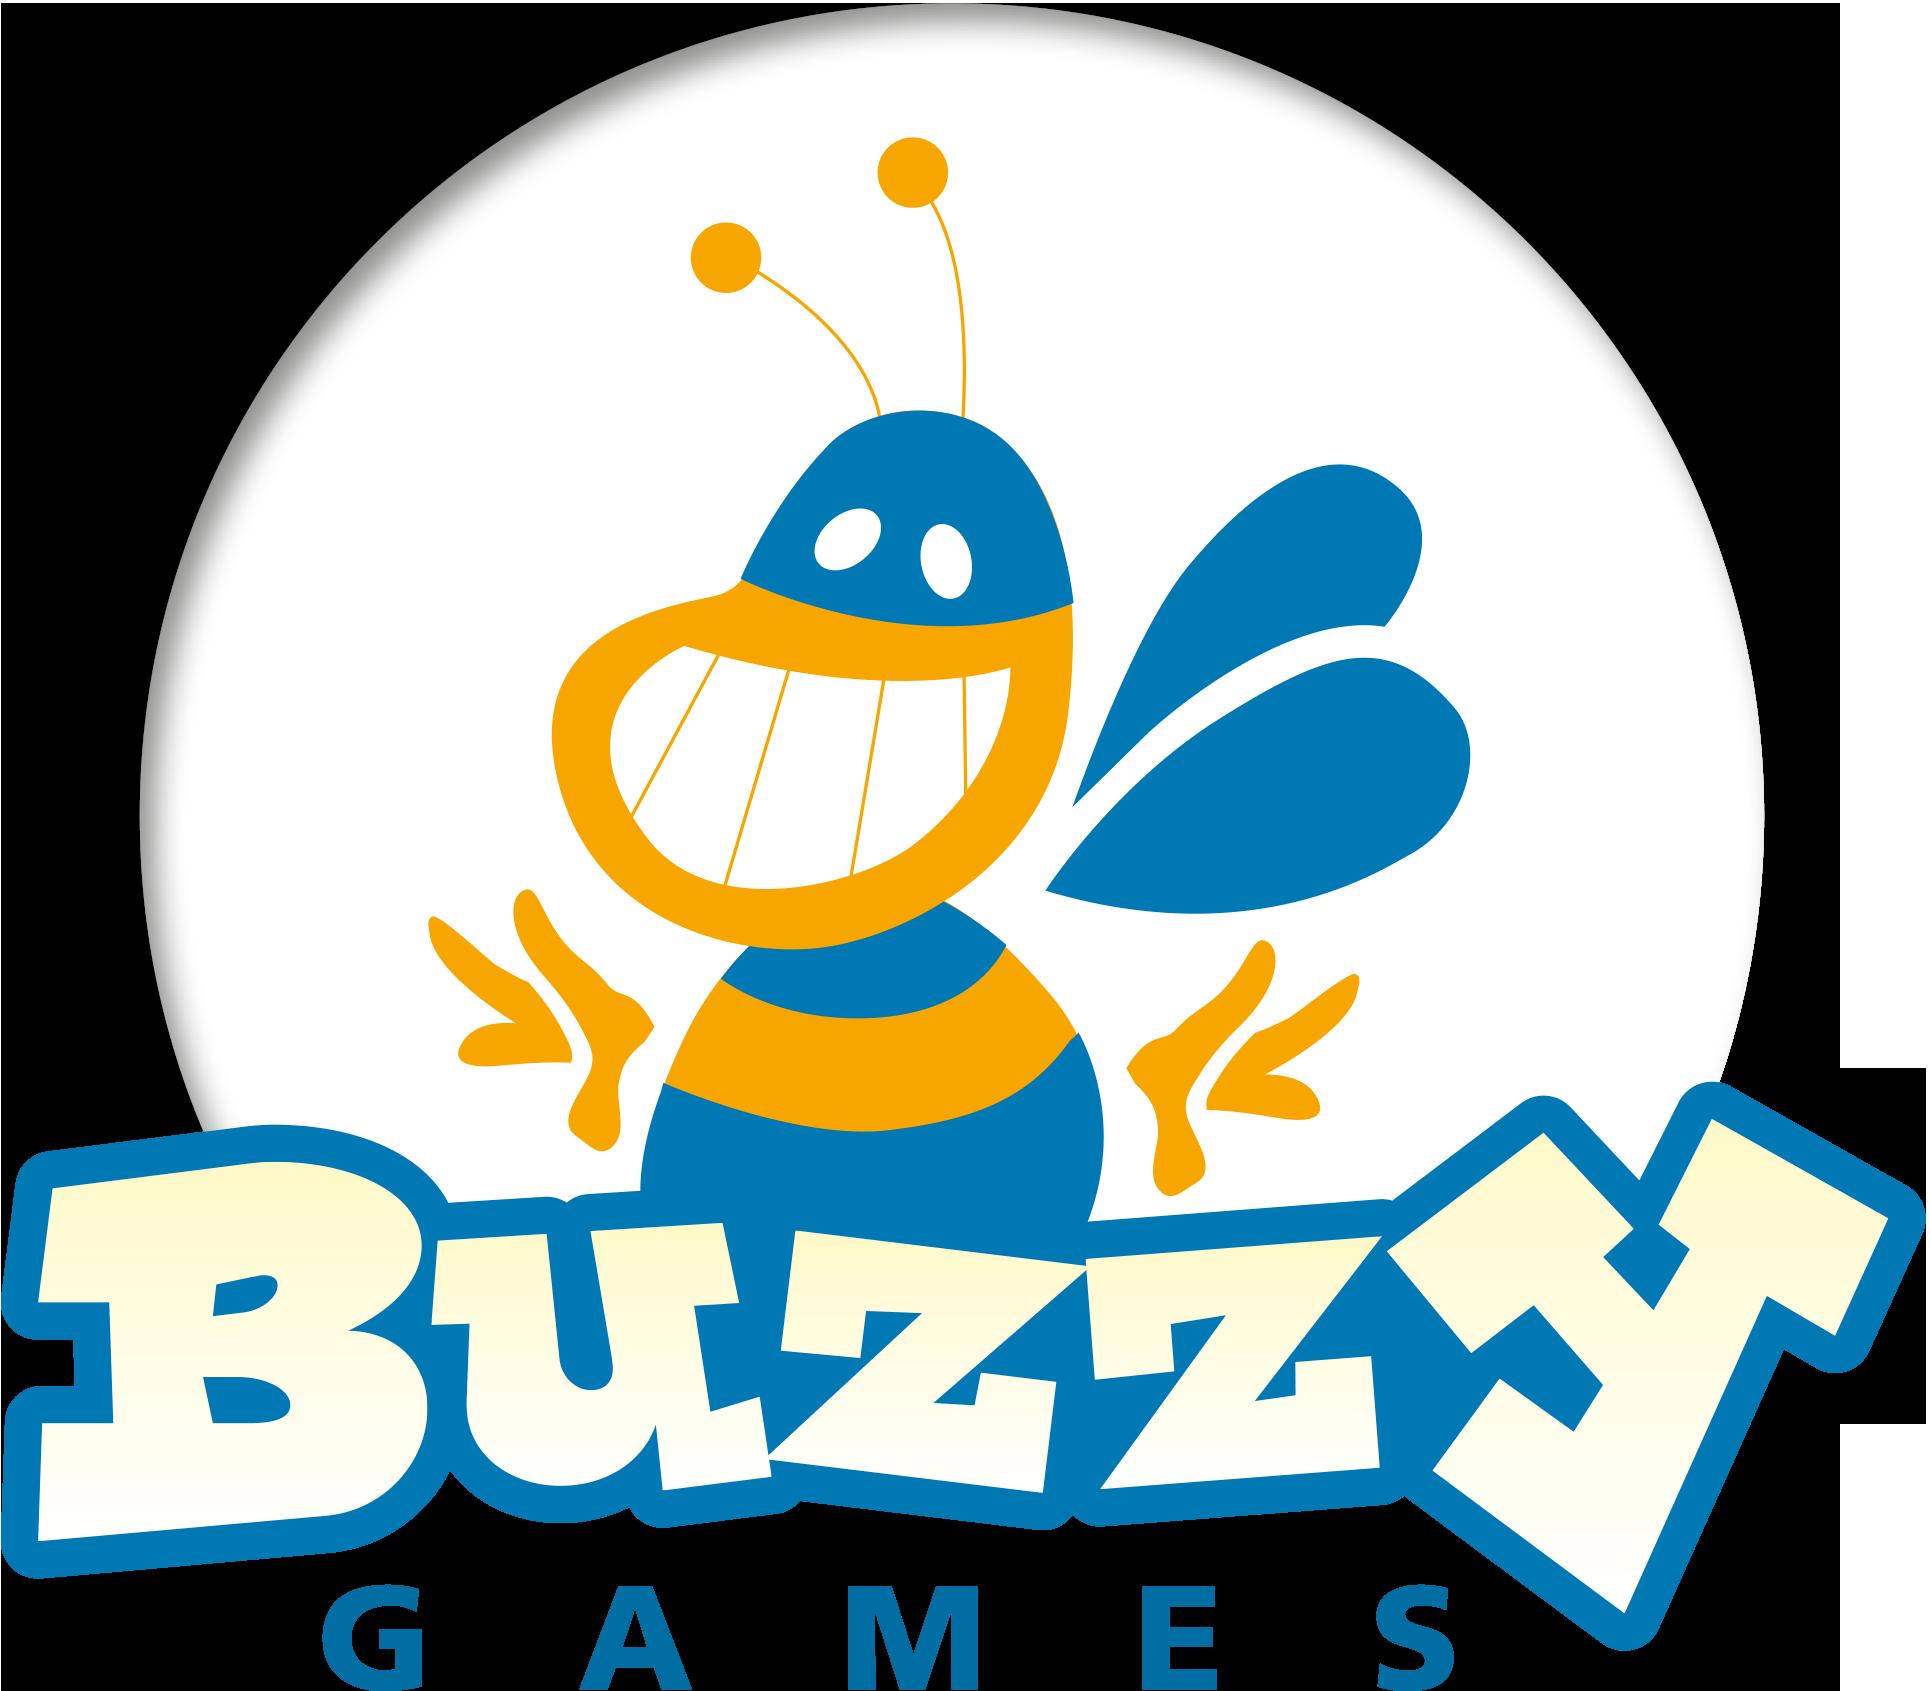 Logo BUZZY GAMES